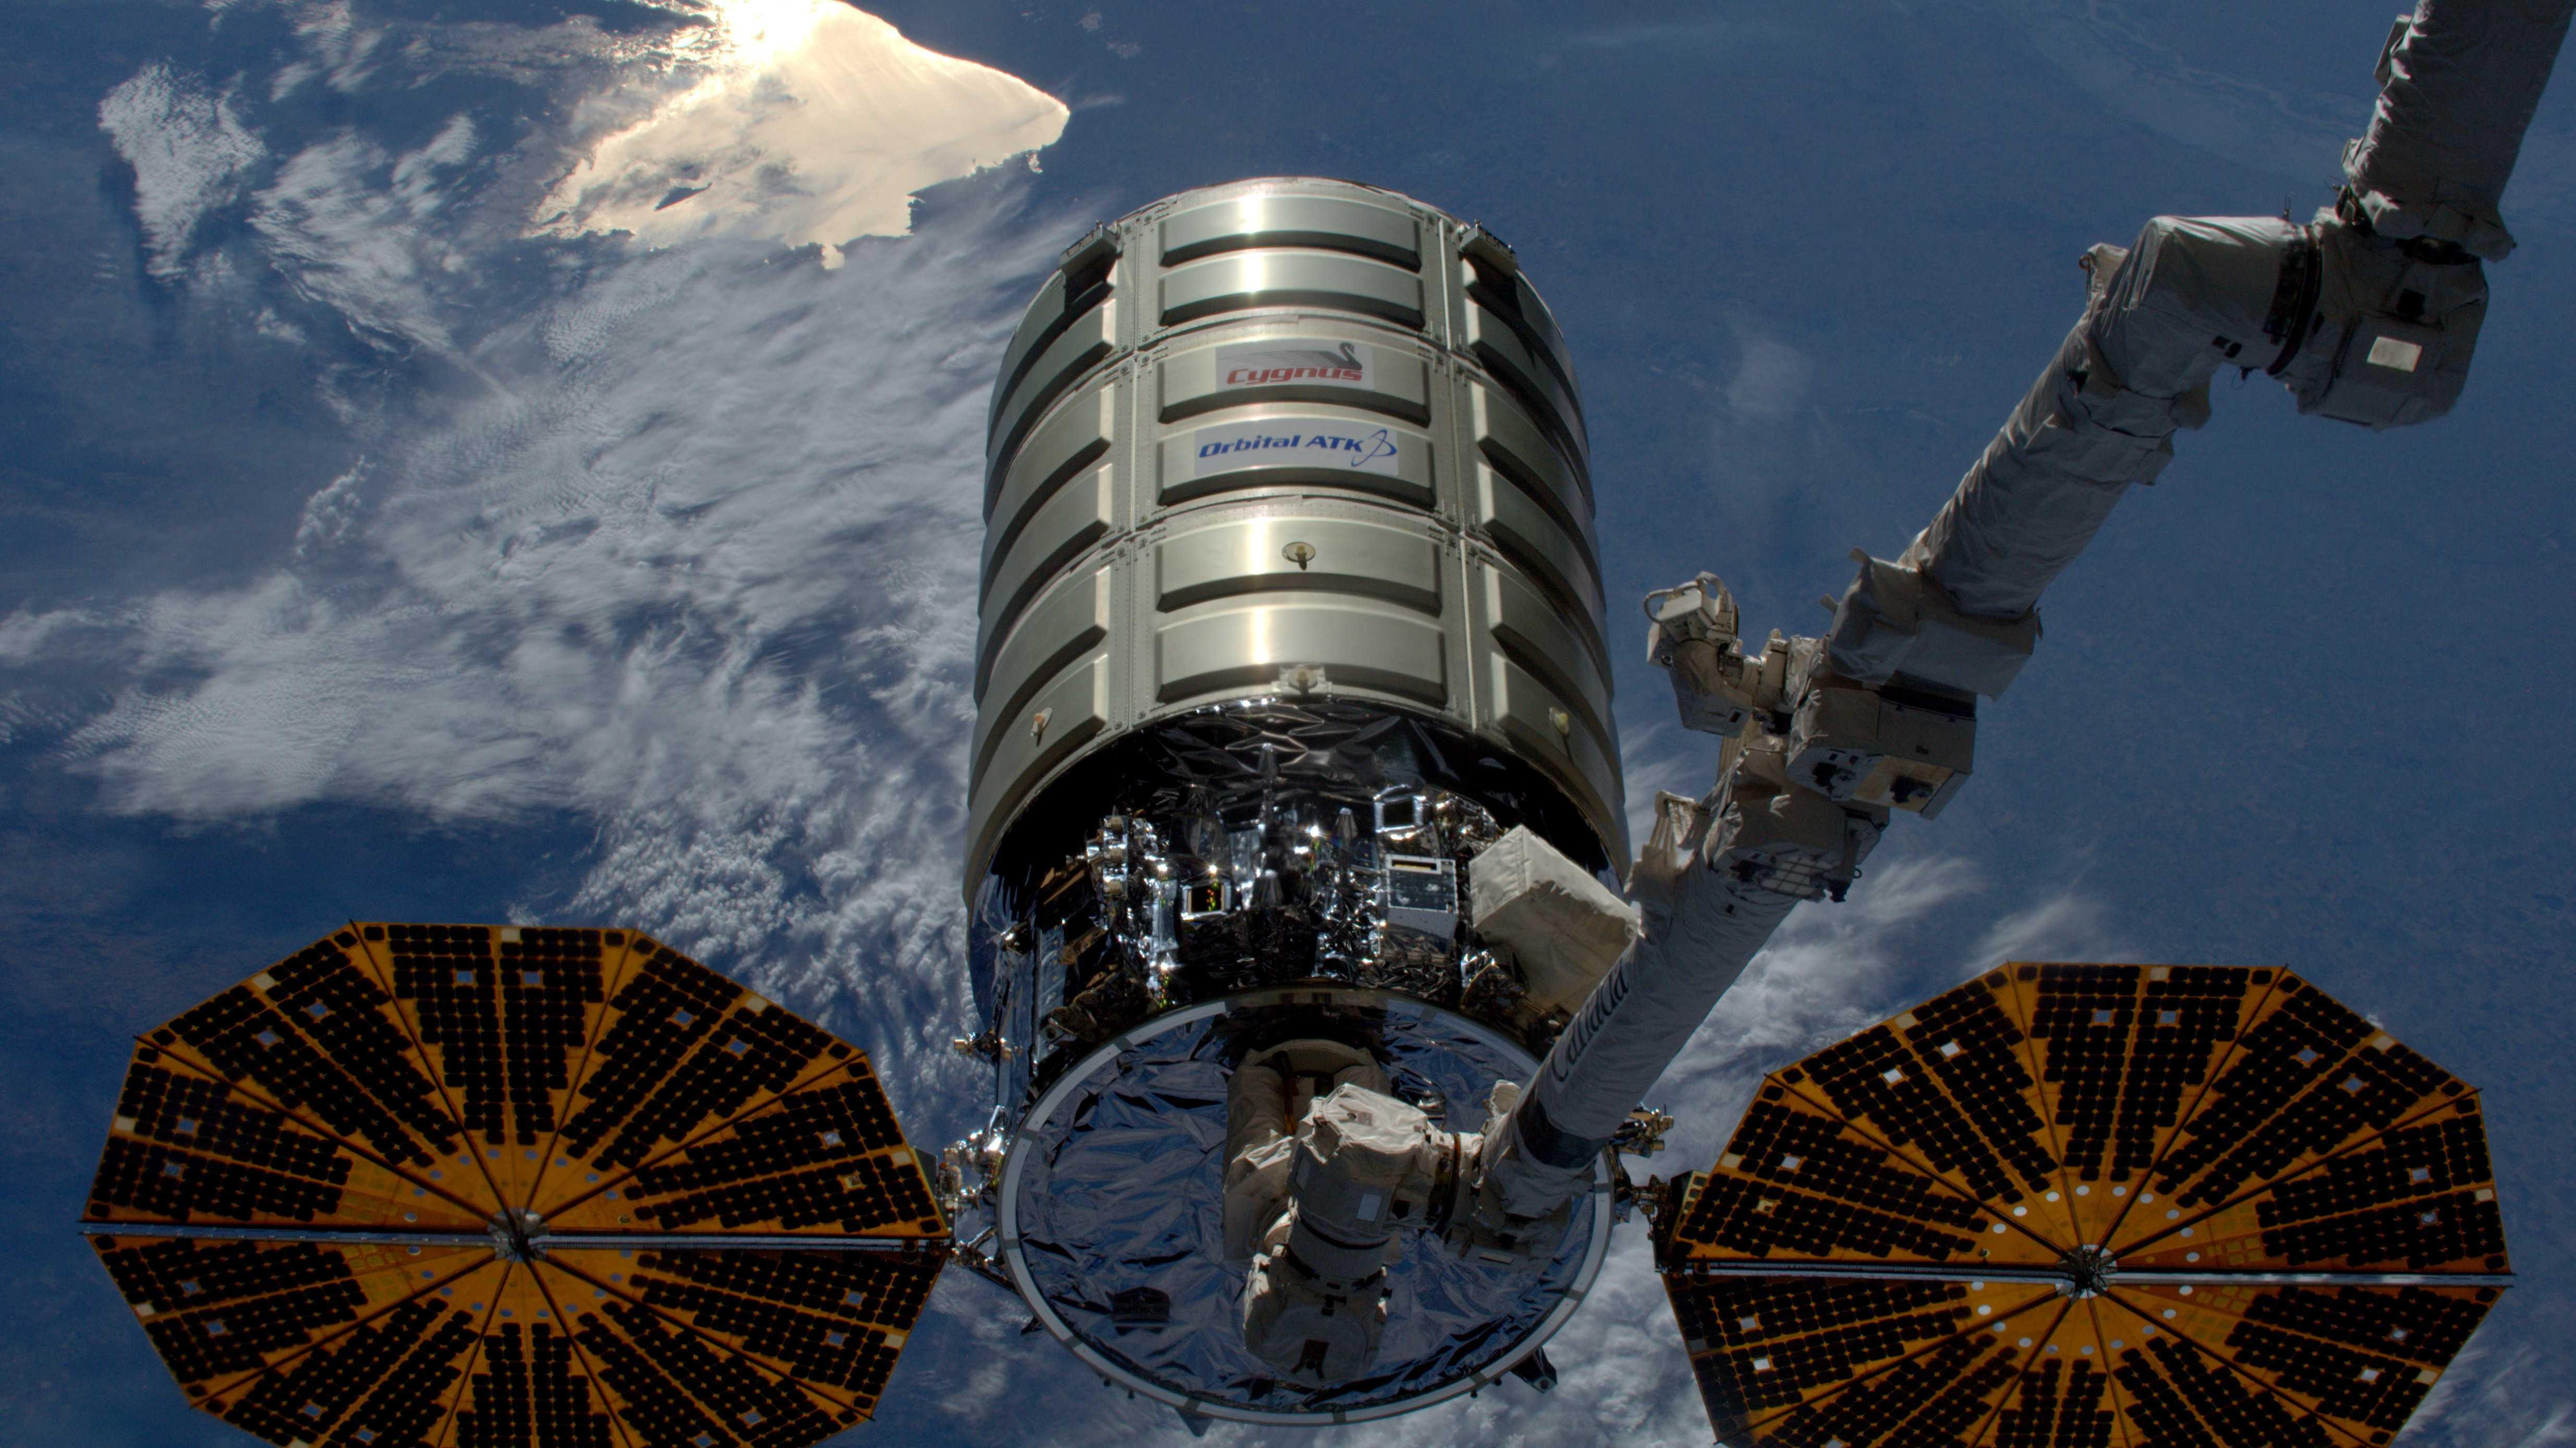 Versorgungsflug für die ISS im zweiten Anlauf erfolgreich gestartet